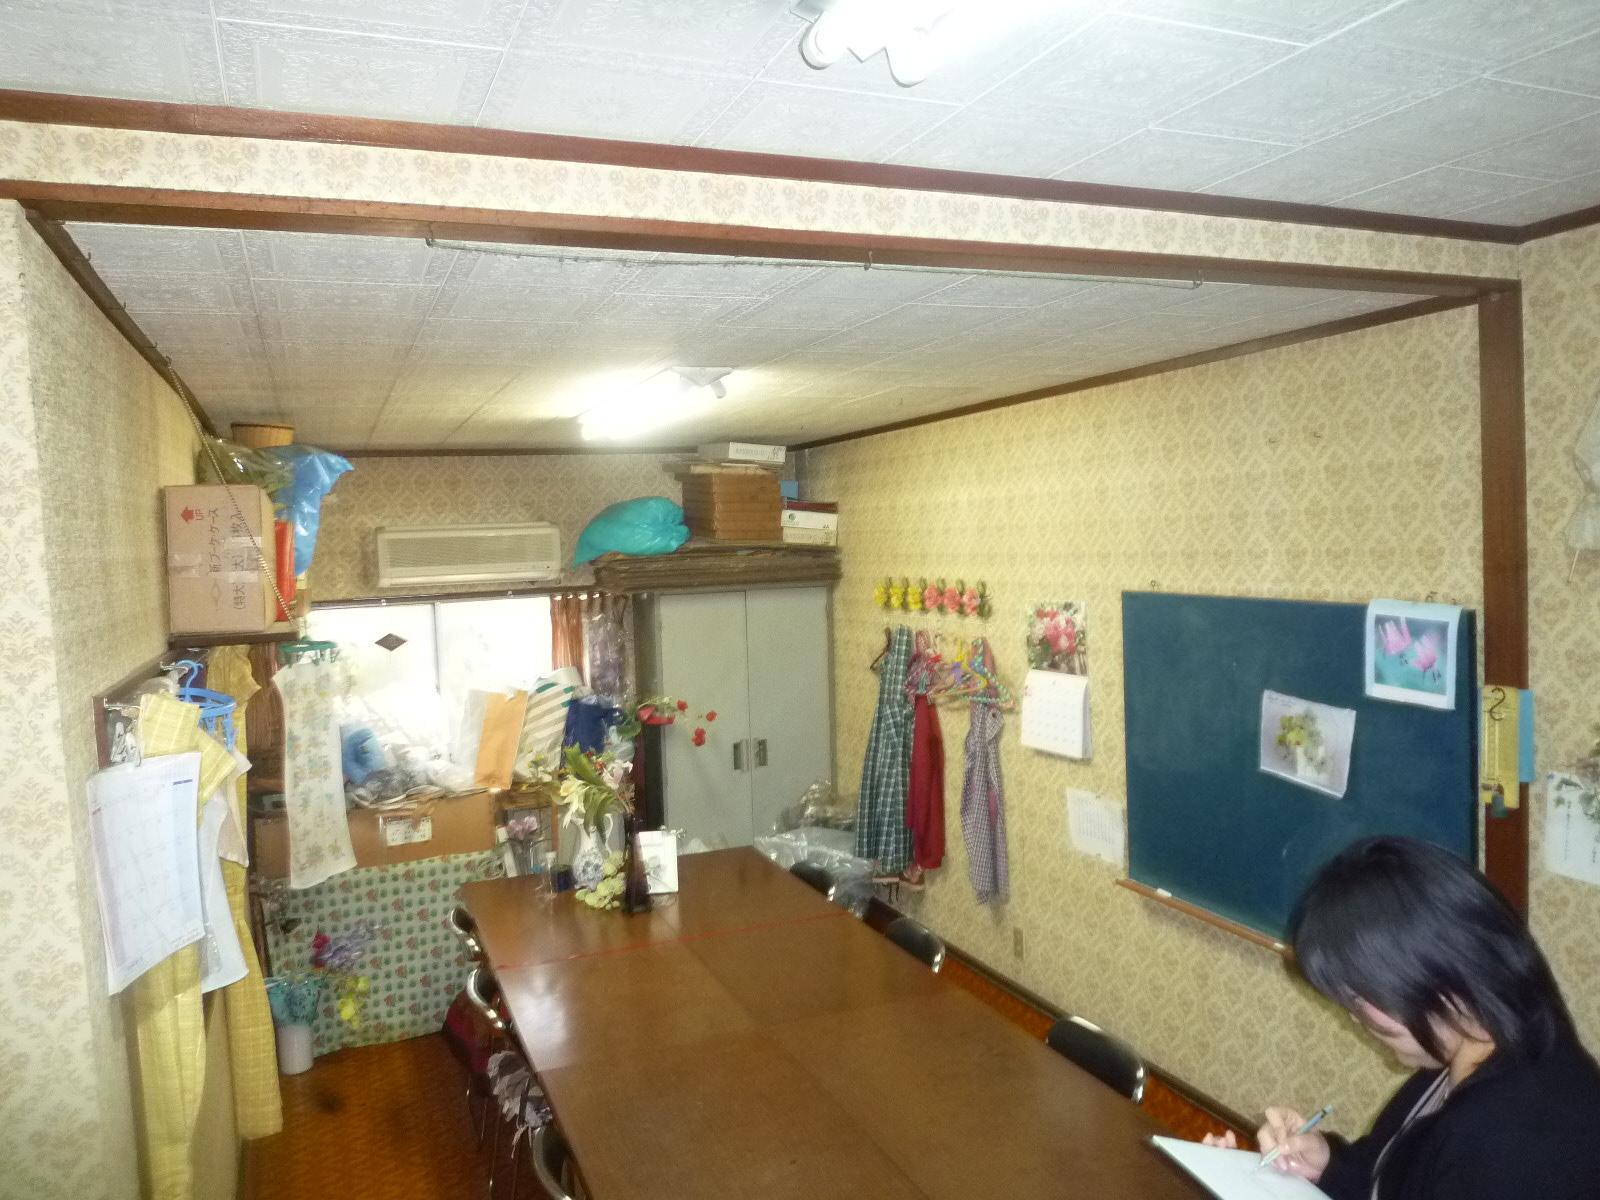 フラワー教室の店舗改修のリノベーション前の写真